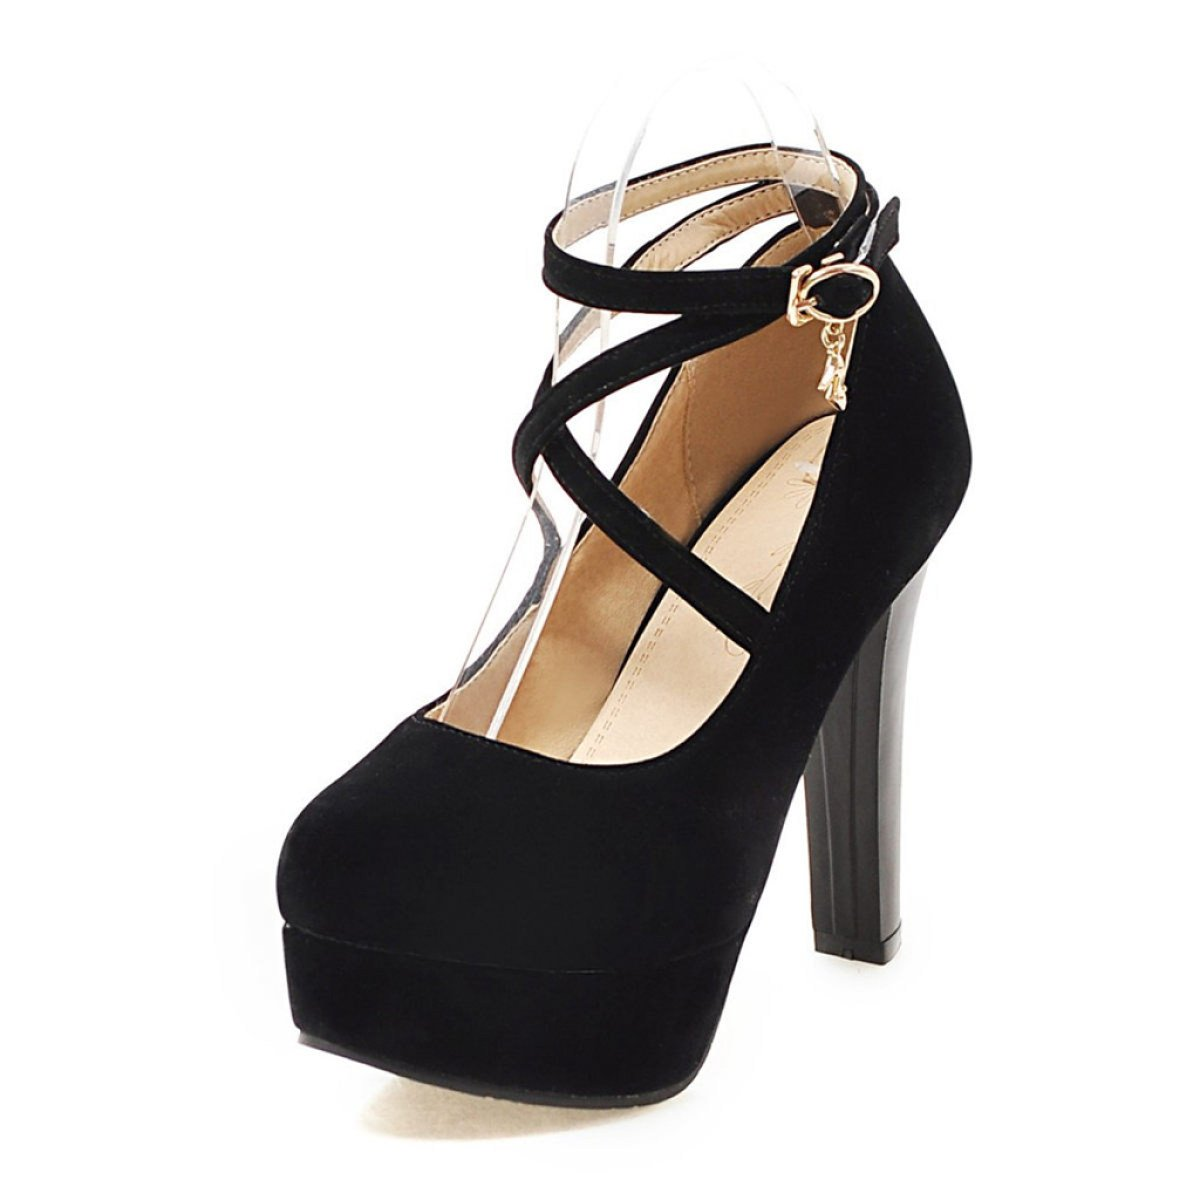 Damenschuhe Frühling Damen Knopf High Heels Starke Ferse Flacher Plattformen Flacher Ferse Mund Sommer Schuhe schwarz 204390